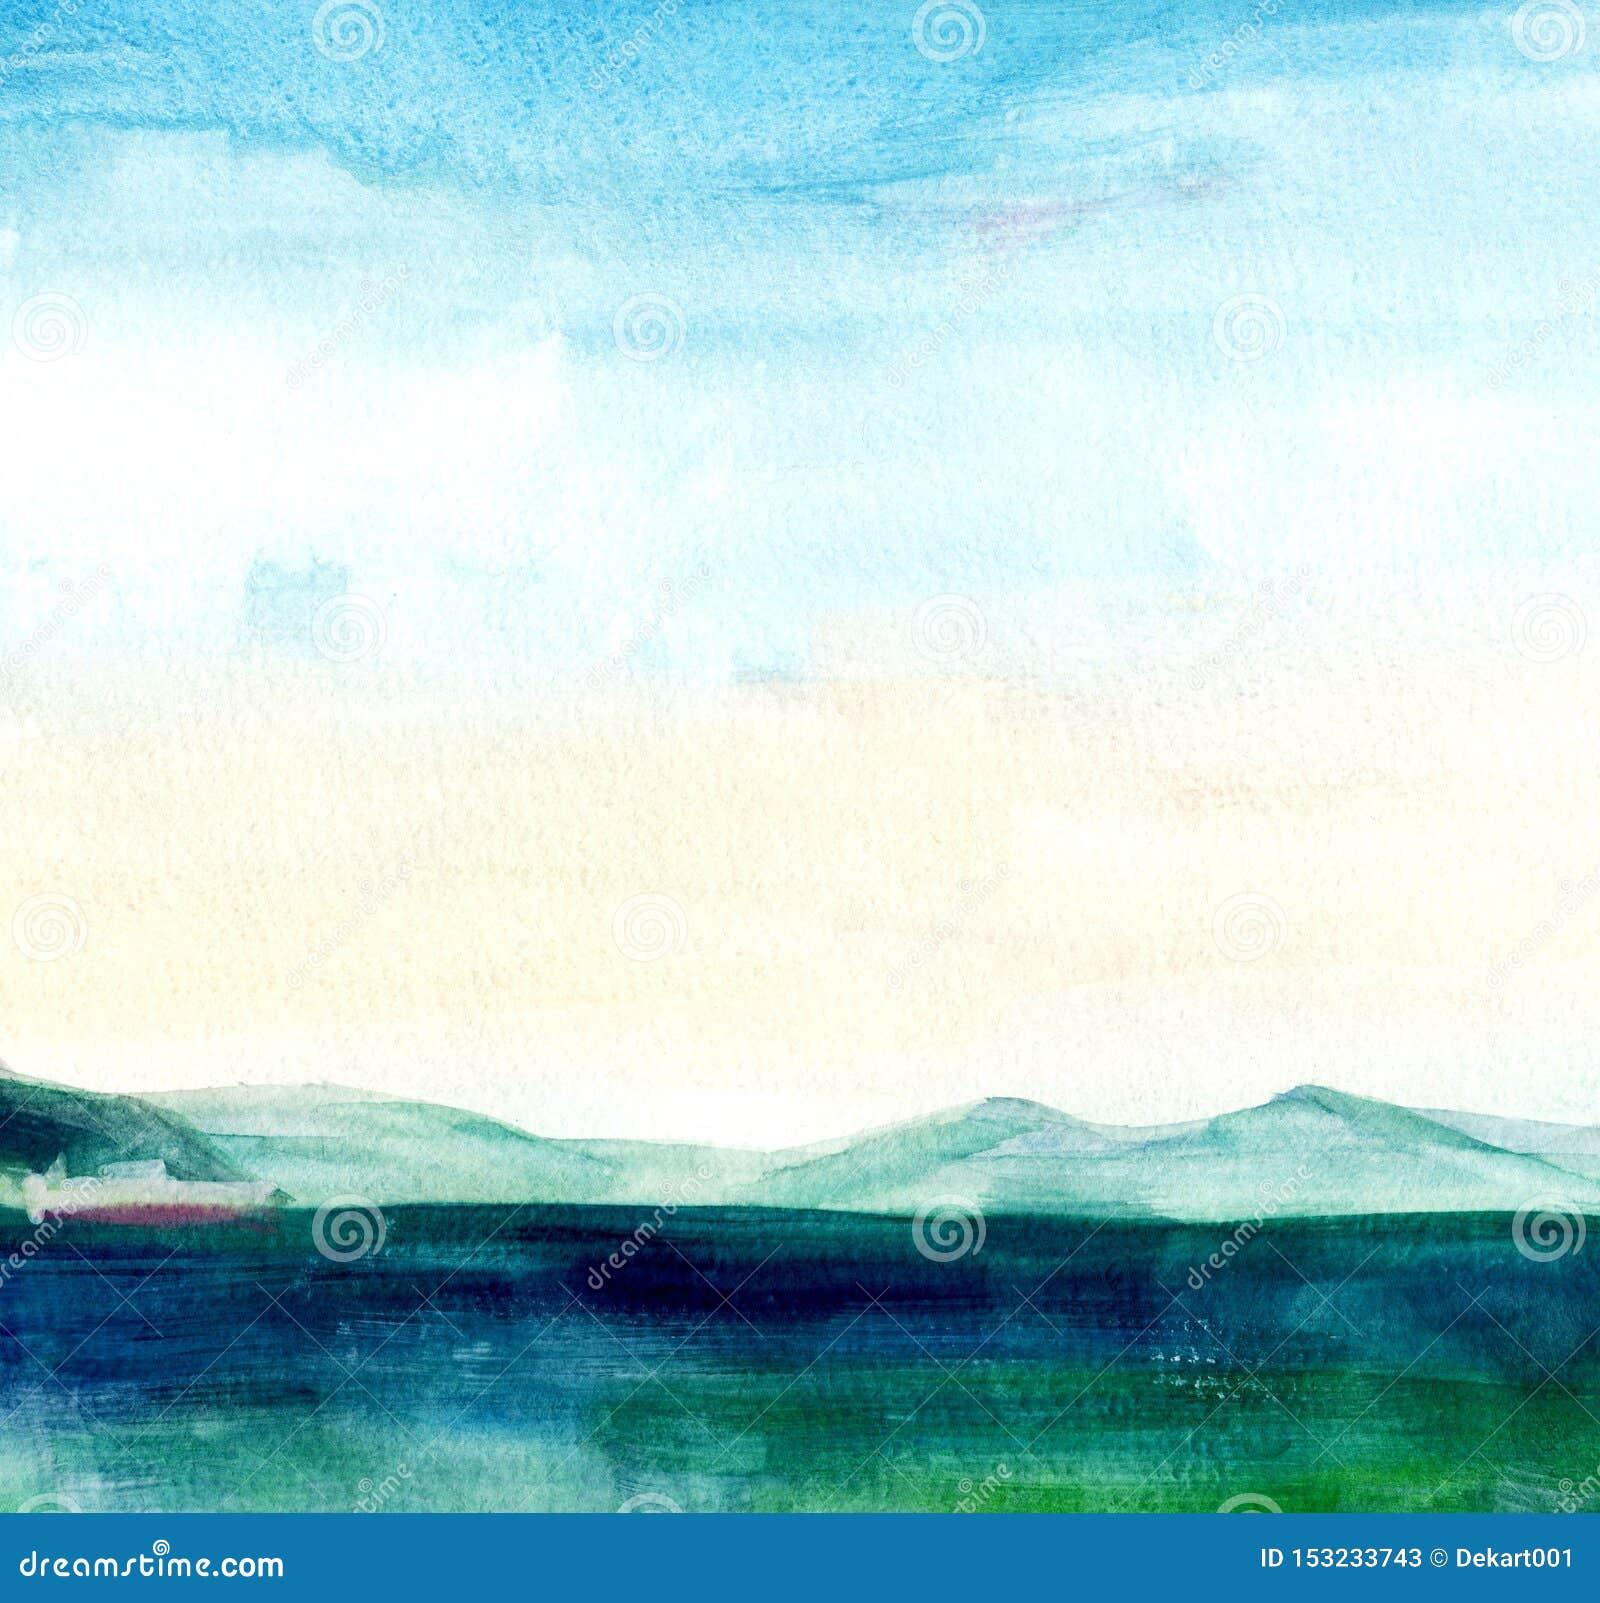 Seelandschaft, Seeseite, Strand, Berge Sch?ne Aquarellhandmalereiillustration